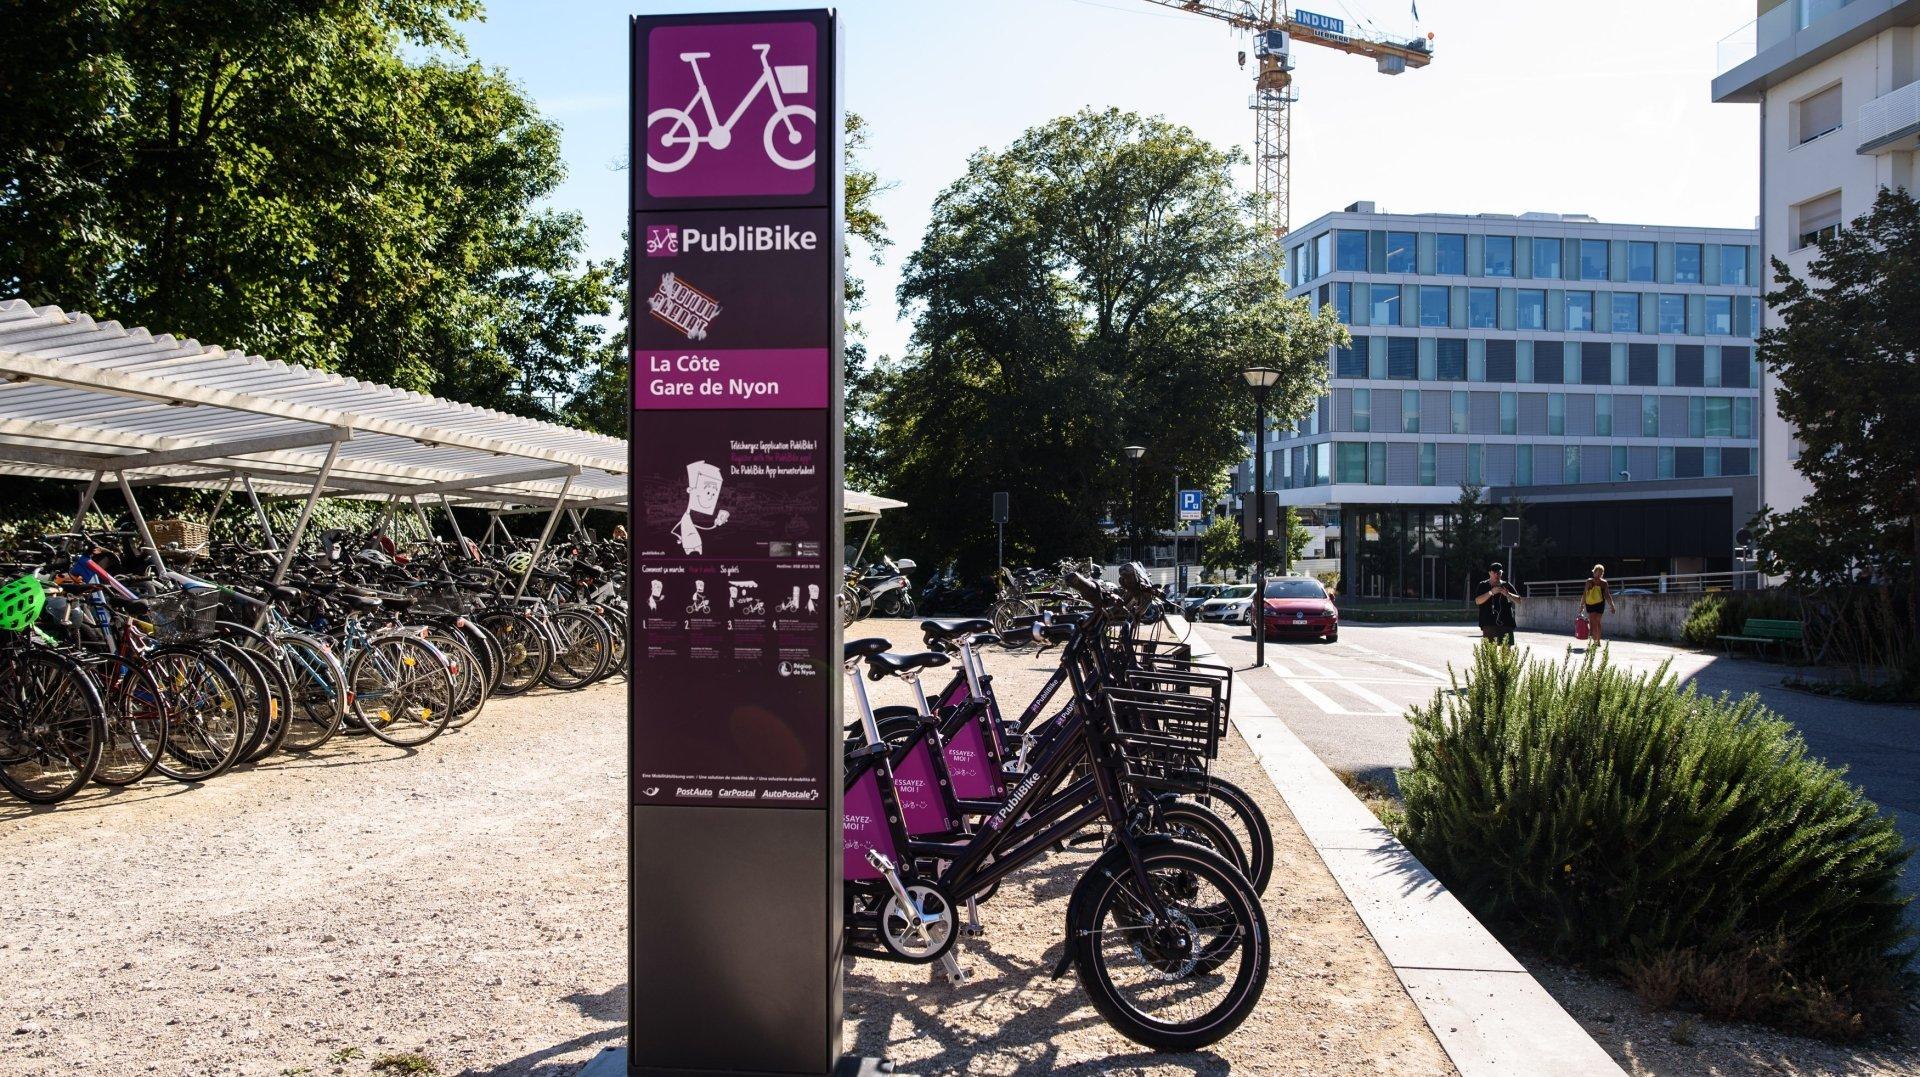 Région de Nyon: des rabais pour les vélos en libre-service